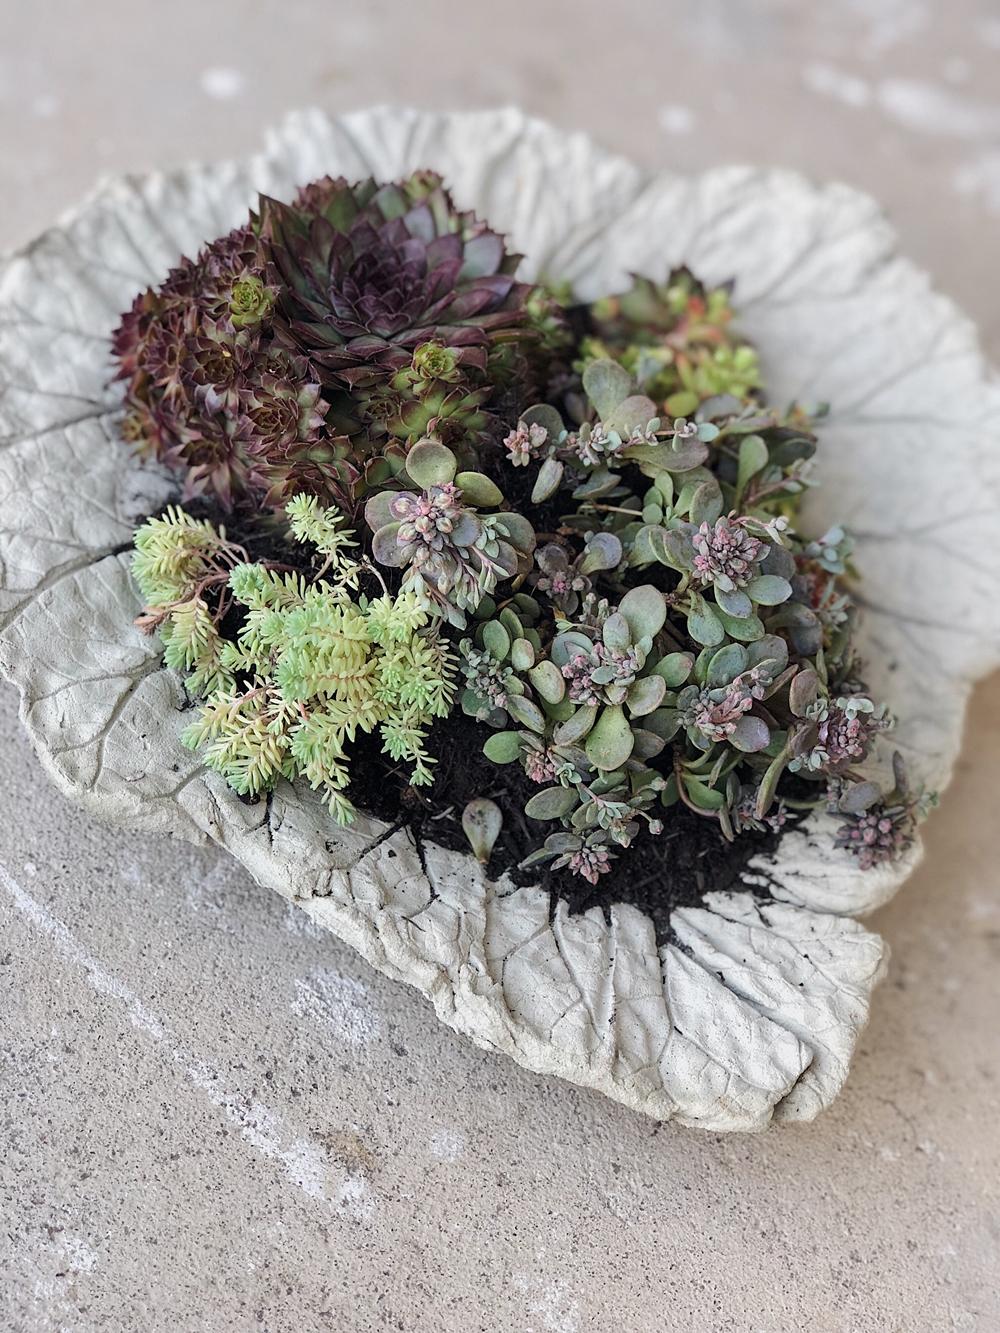 Pflanzschalen aus Rhabarberblättern für den Garten garten diy basteln gartengestaltung garteninspiration steingartengewächs beton diy selbstgemacht fashionkitchen 42 JPG